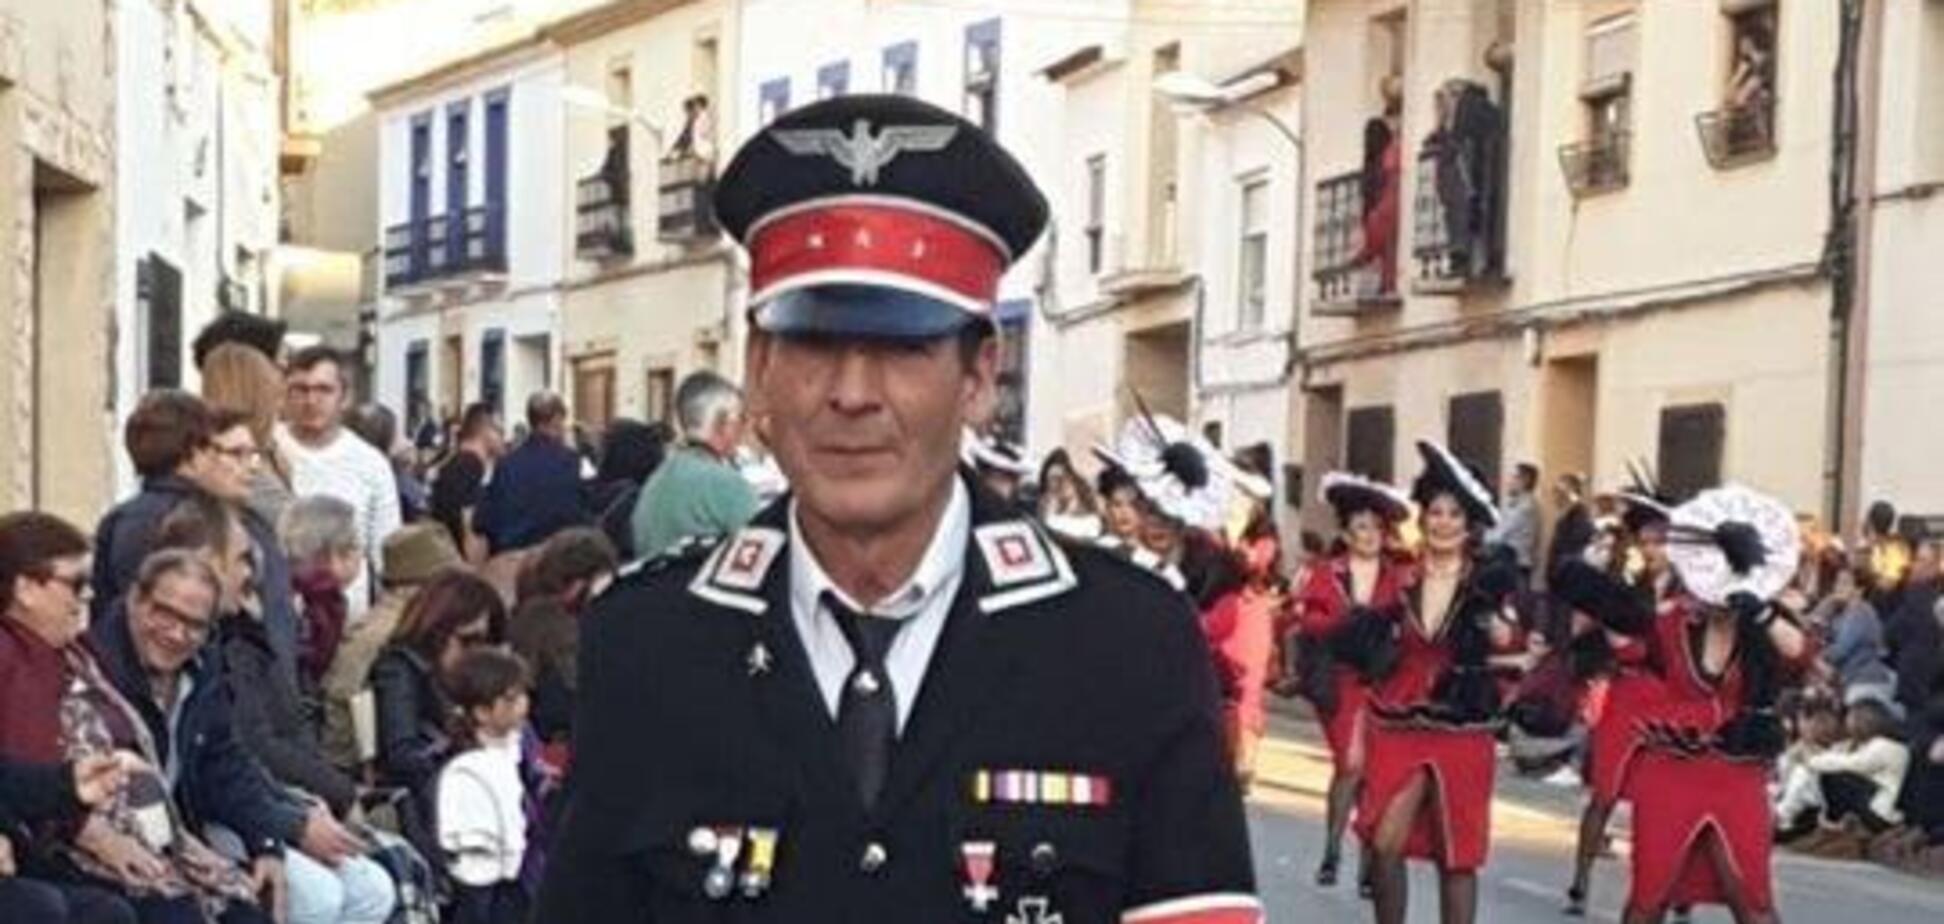 Ізраїль обурив іспанський карнавал на тему Голокосту. Фото і відео